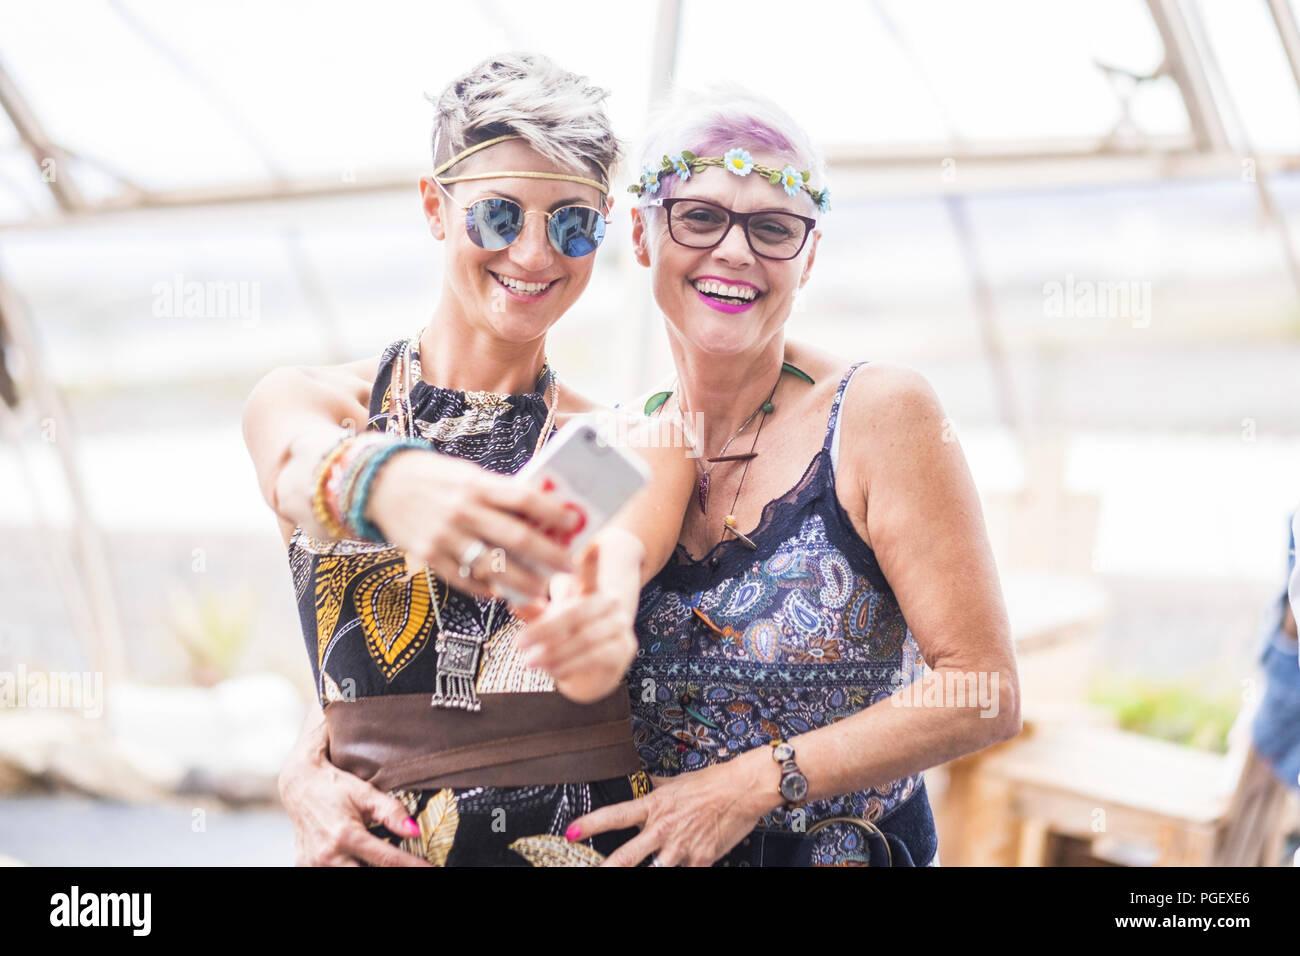 Hippy Paar der kaukasischen schöne Frauen mit einem Smart Phone. Schön, attraktiven Menschen unterschiedlichen Alters zusammen bleiben in der glücklichen Freizeitaktivität mit Fr Stockbild